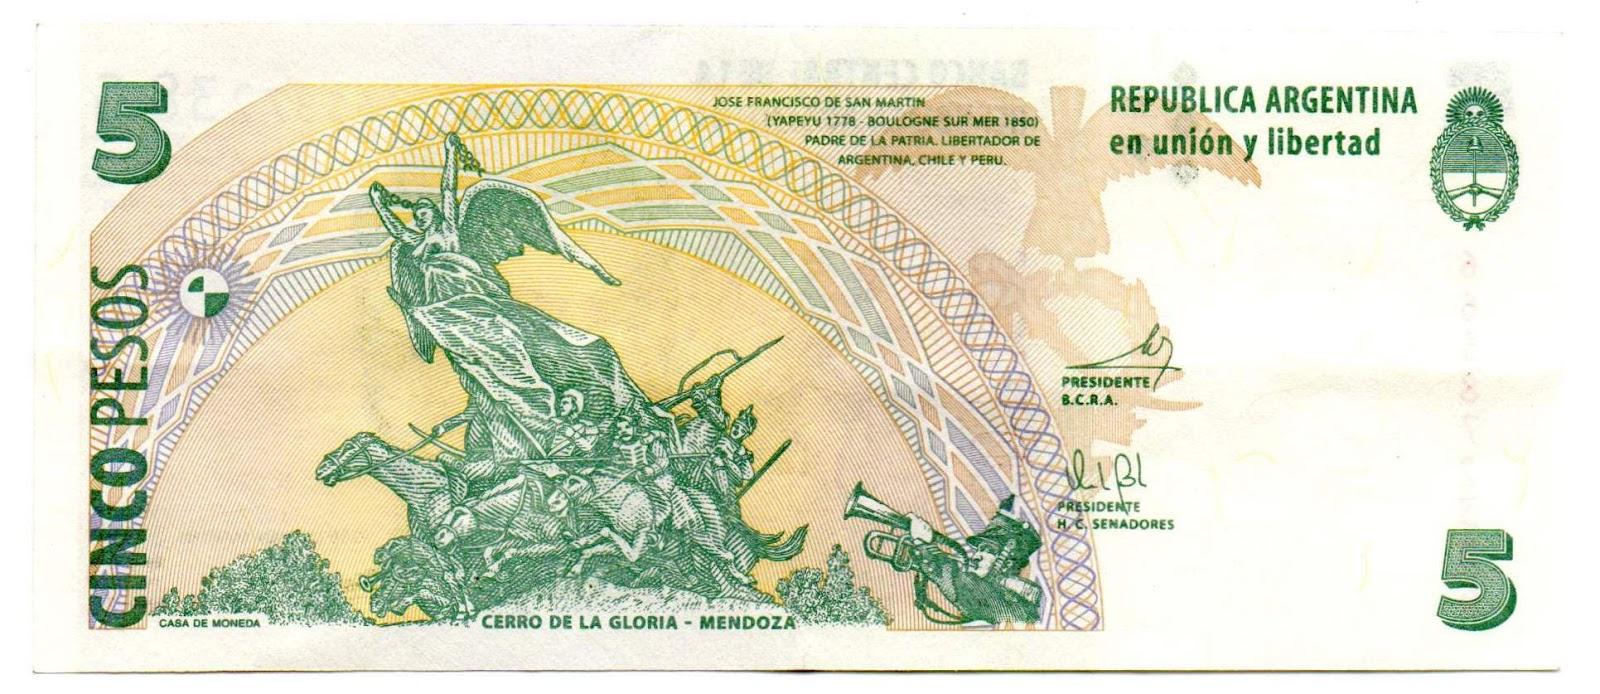 Manuel Belgrano 3 De Junio De 1770 20 De Junio De 1820 ...